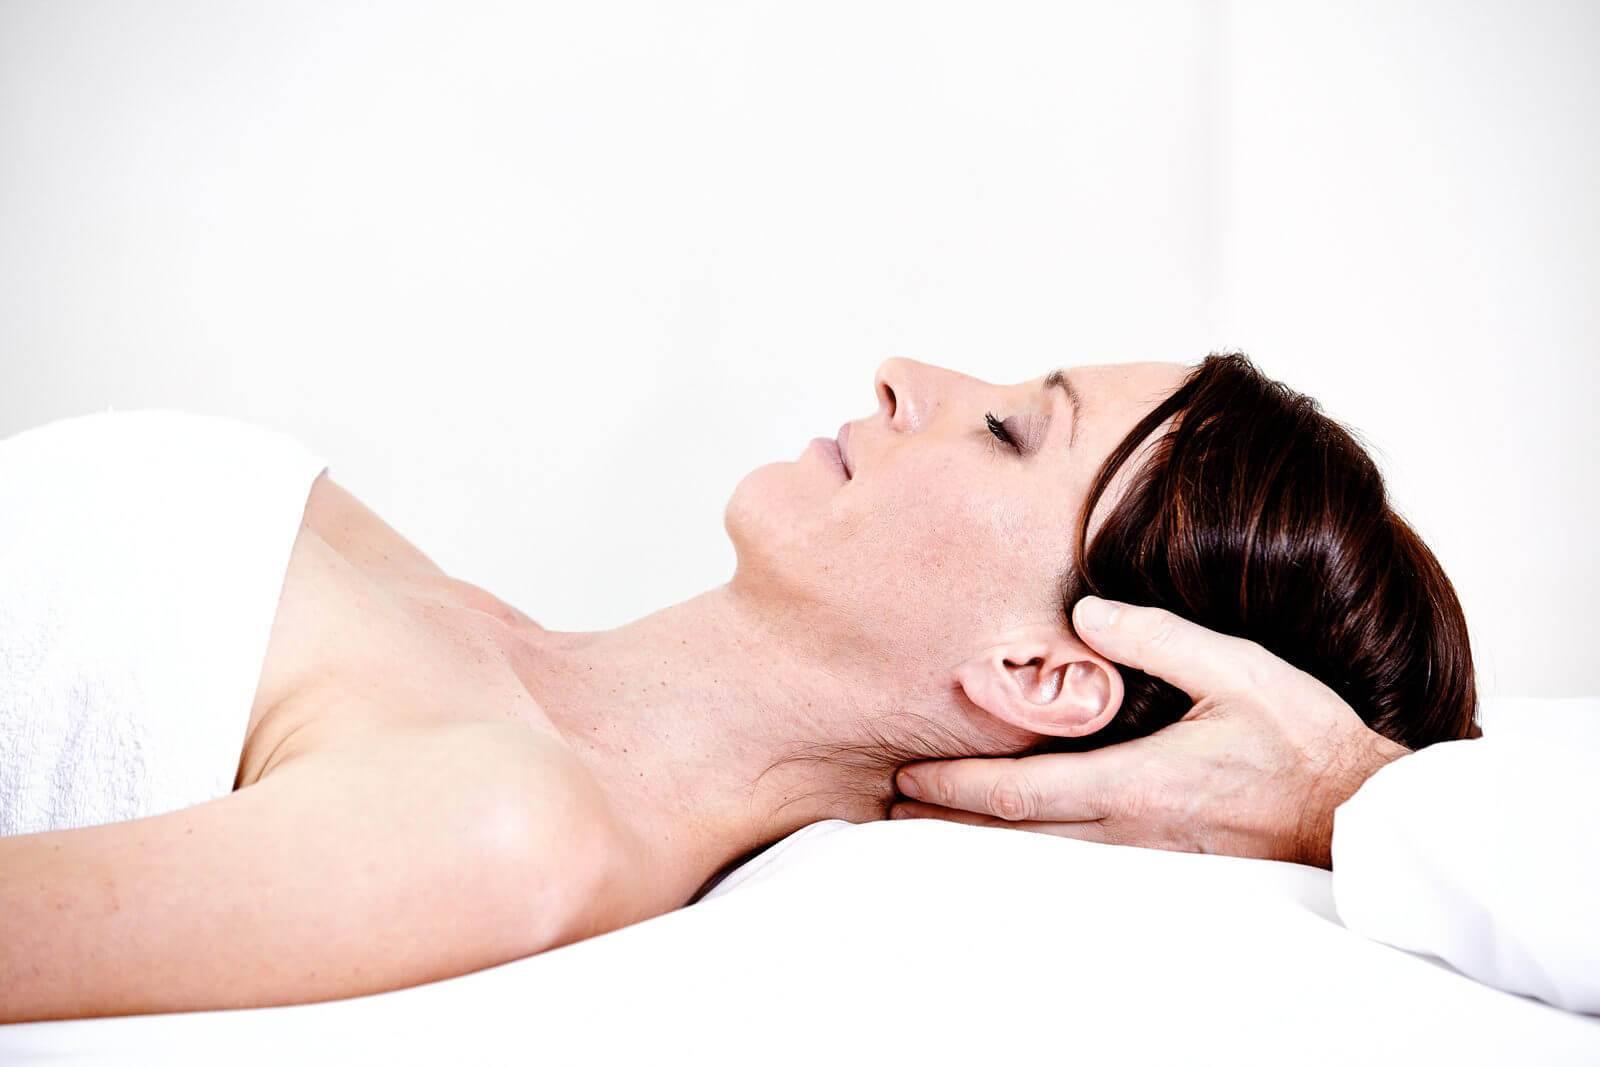 Dunkelhaarige Frau bekommt eine Nackenmassage